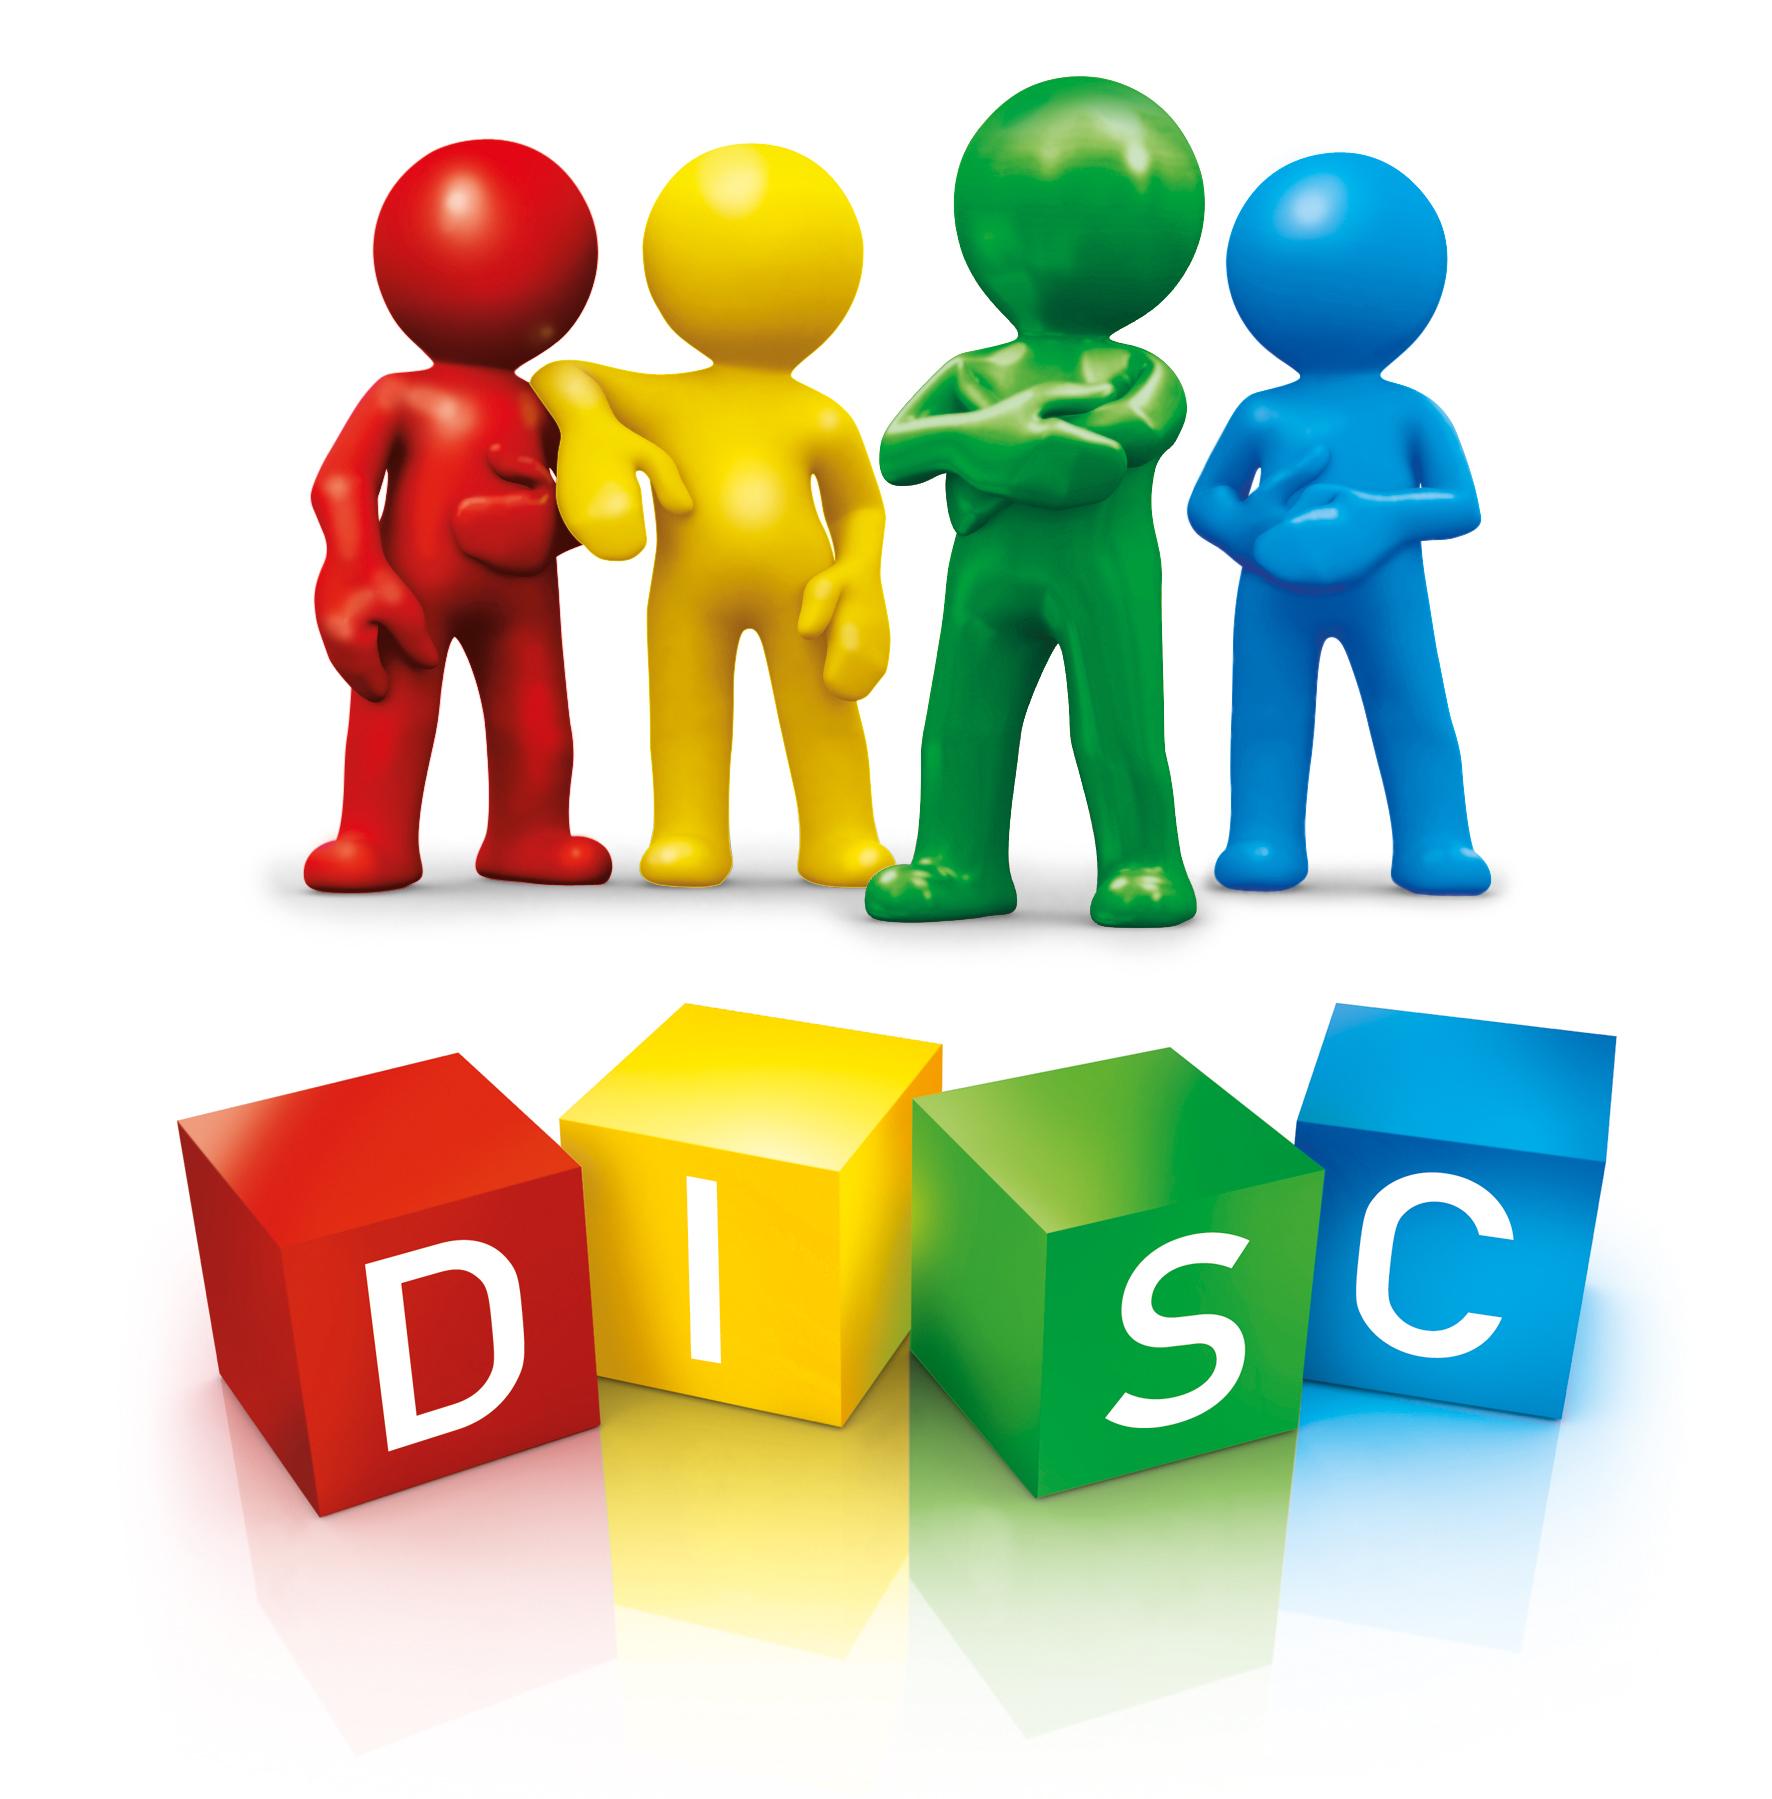 Tại sao mô hình DISC lại quan trọng trong công việc?